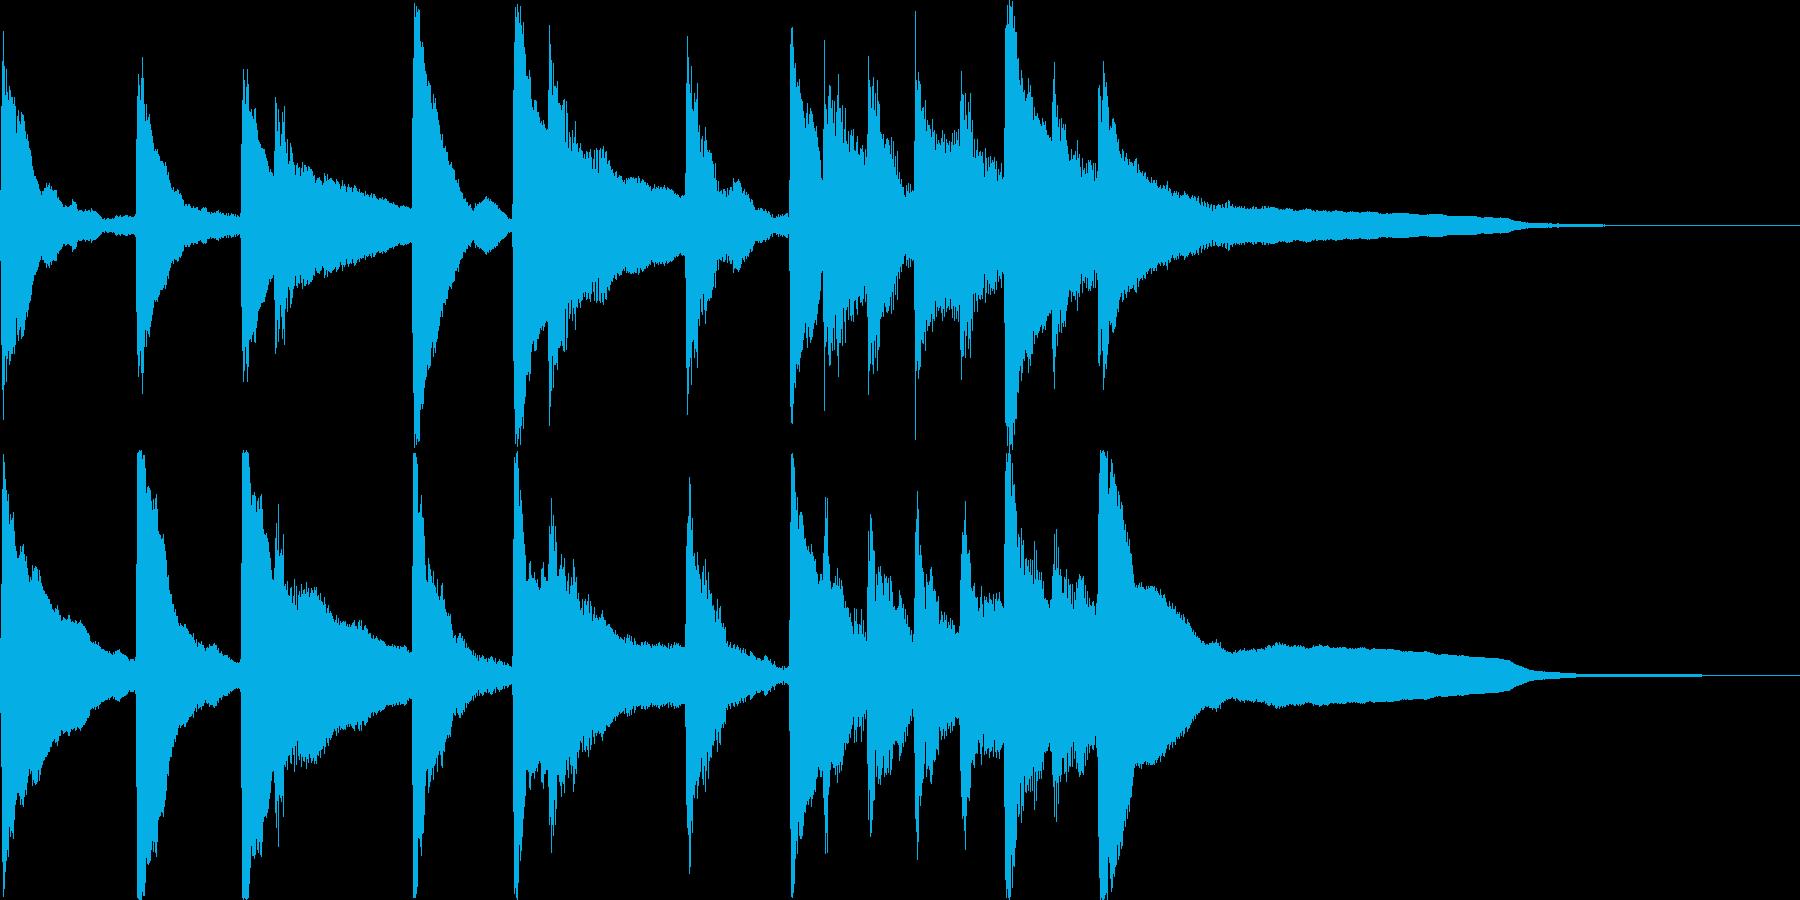 おもちゃピアノサウンドロゴ・ジングル#1の再生済みの波形